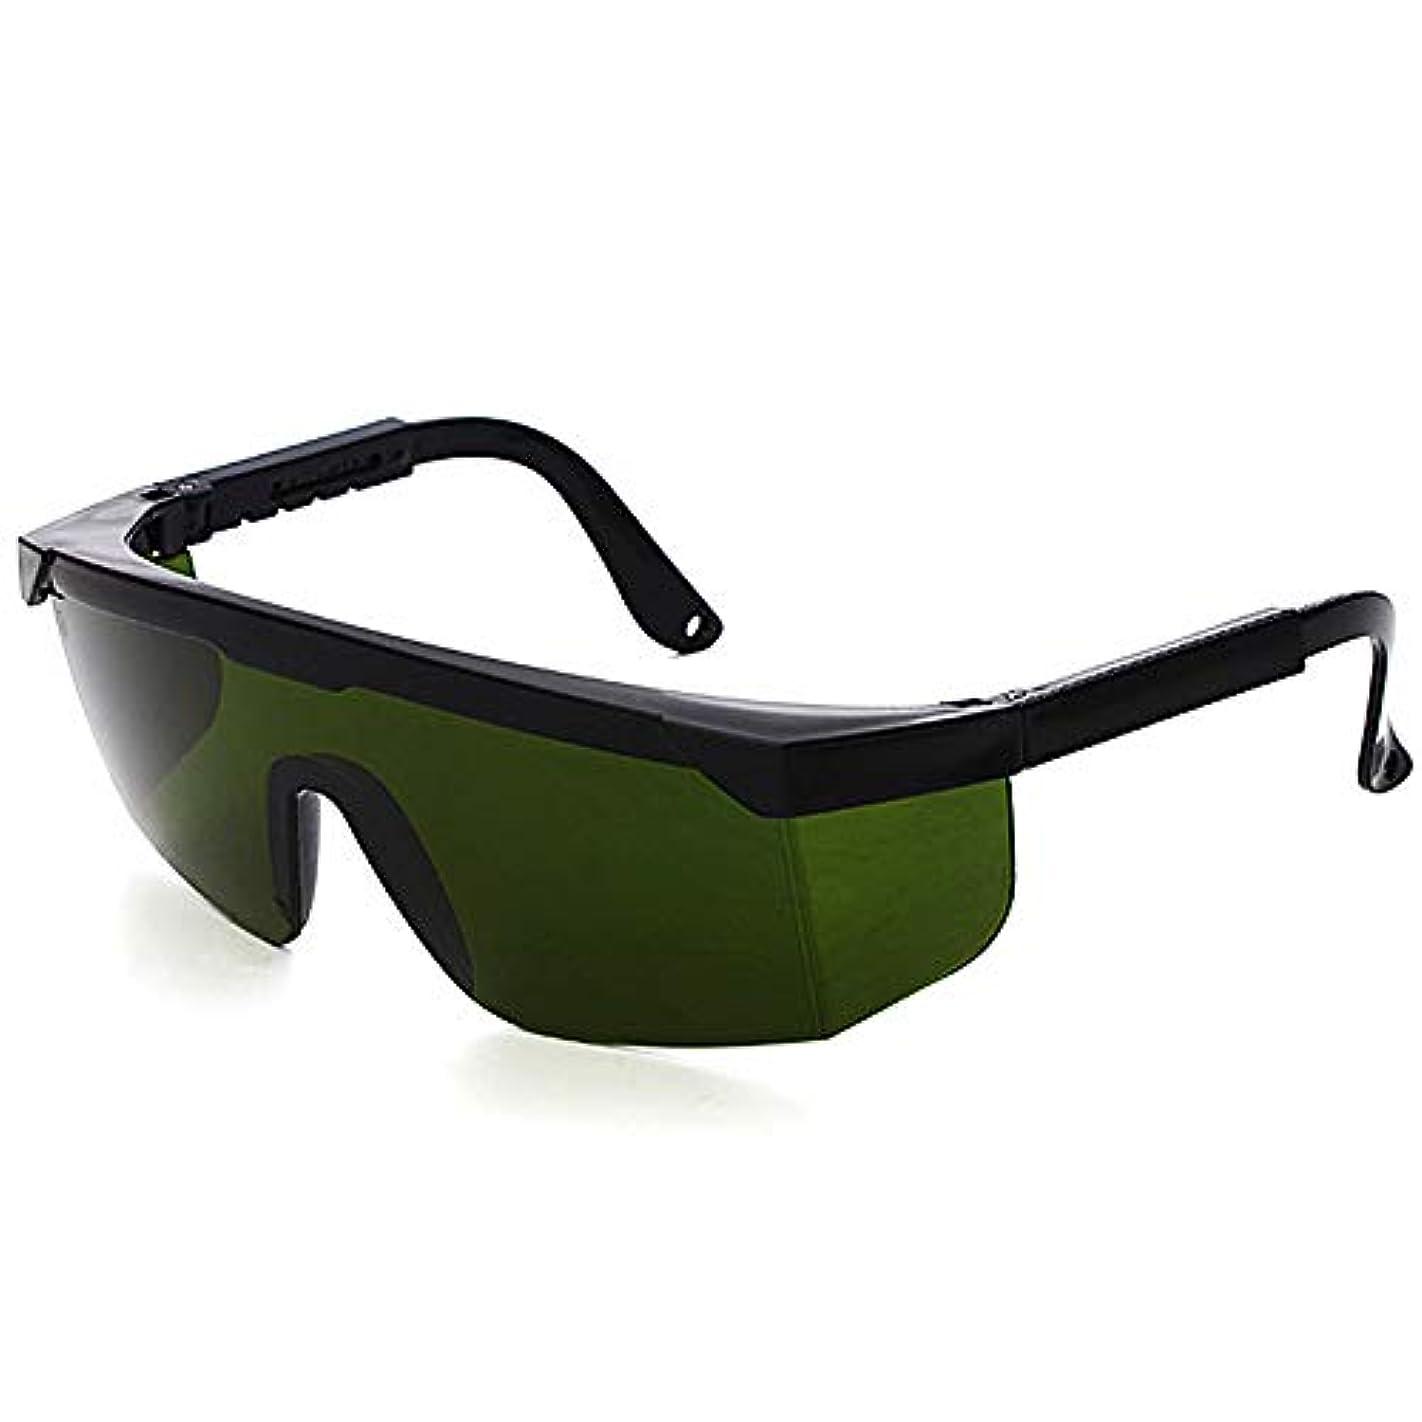 副詞反対成熟したJiayaofu レーザー保護メガネIPL美容機器メガネレーザーペアIPLメガネ、安全メガネ